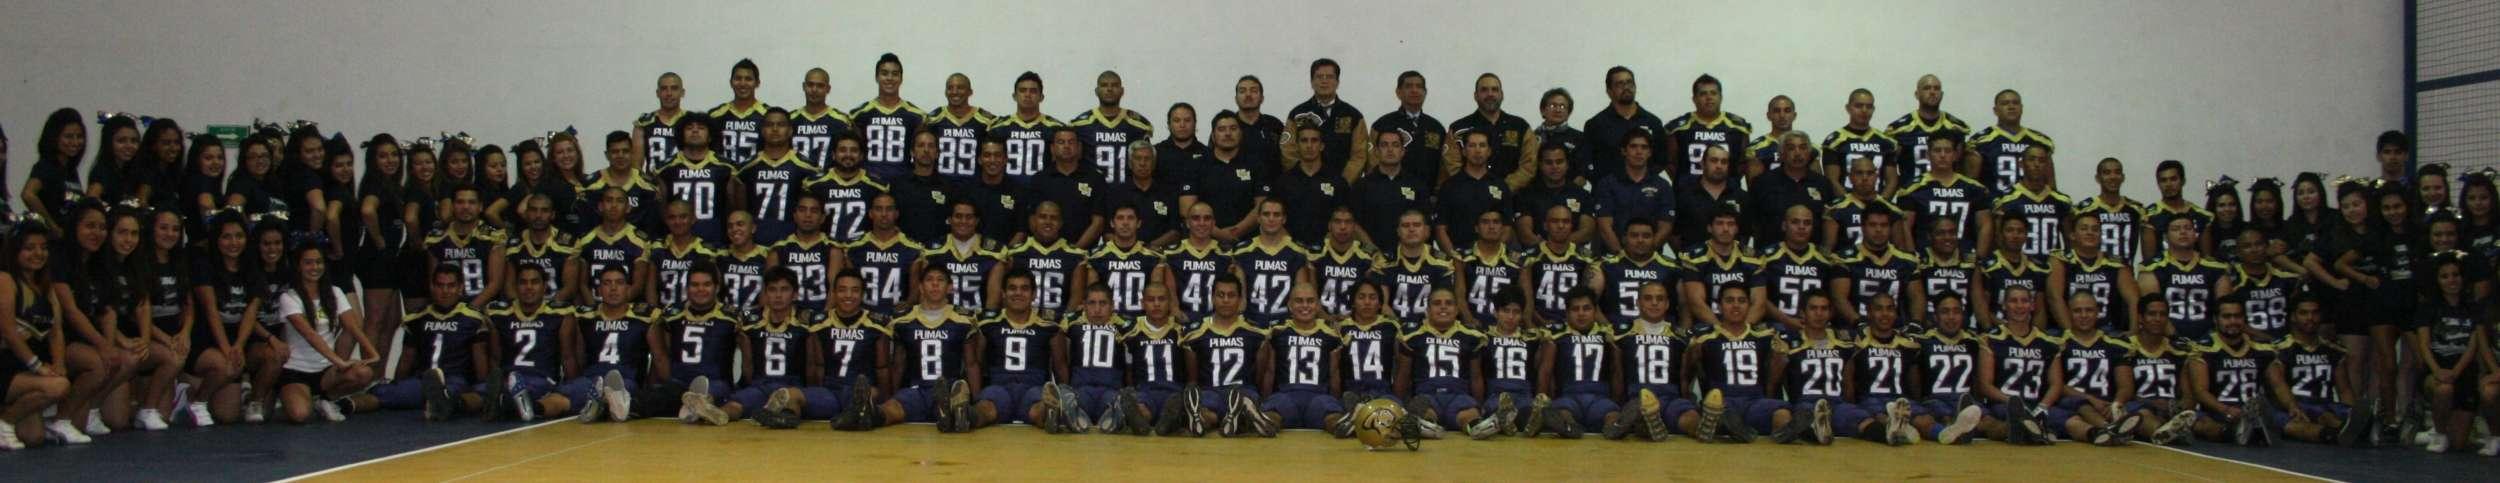 Foto oficial de los Pumas Acatlán 2014 Foto: TERRA